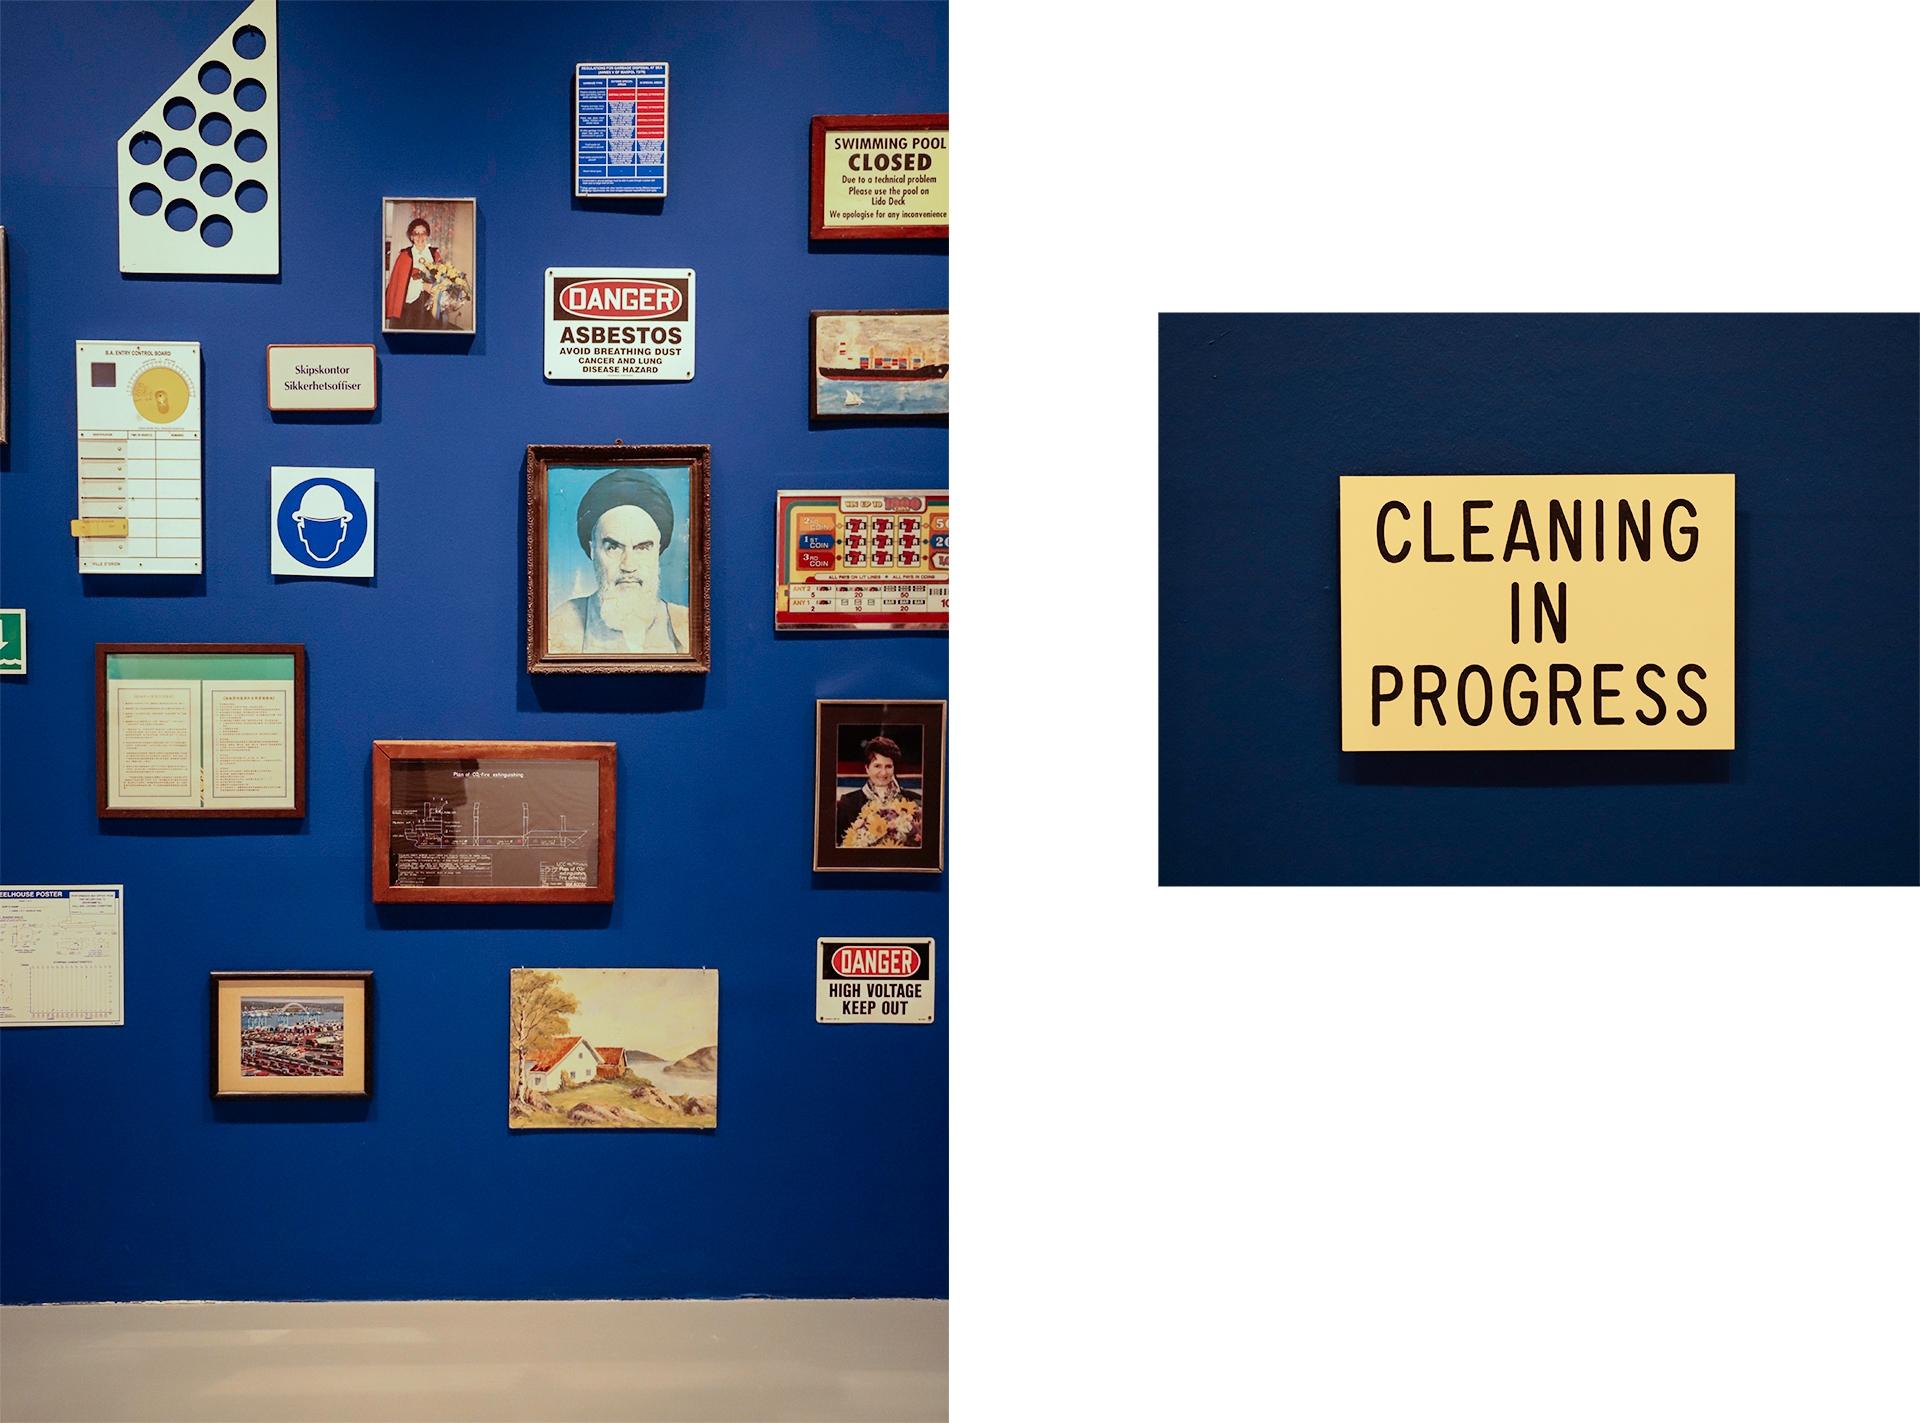 Obraz przedstawia zdjęcie ciemno-niebieskiej ściany, na której zawieszone jest dużo obrazków w różnych formatach.